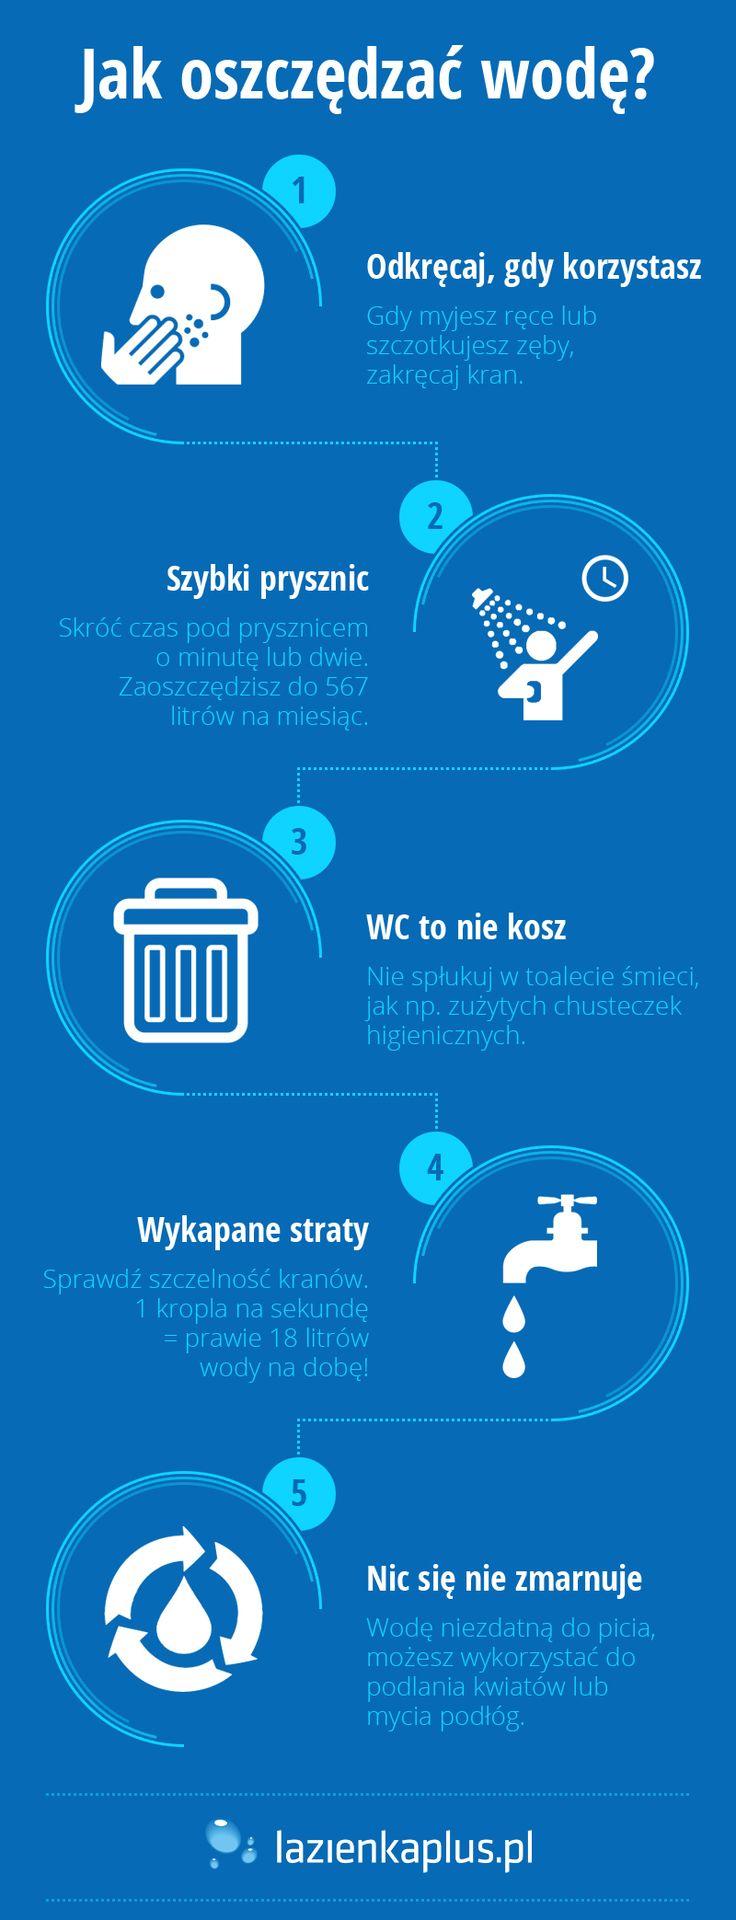 Jak oszczędzać wodę? #infografika #eko #tipynaplus #porady #lzienkaplus